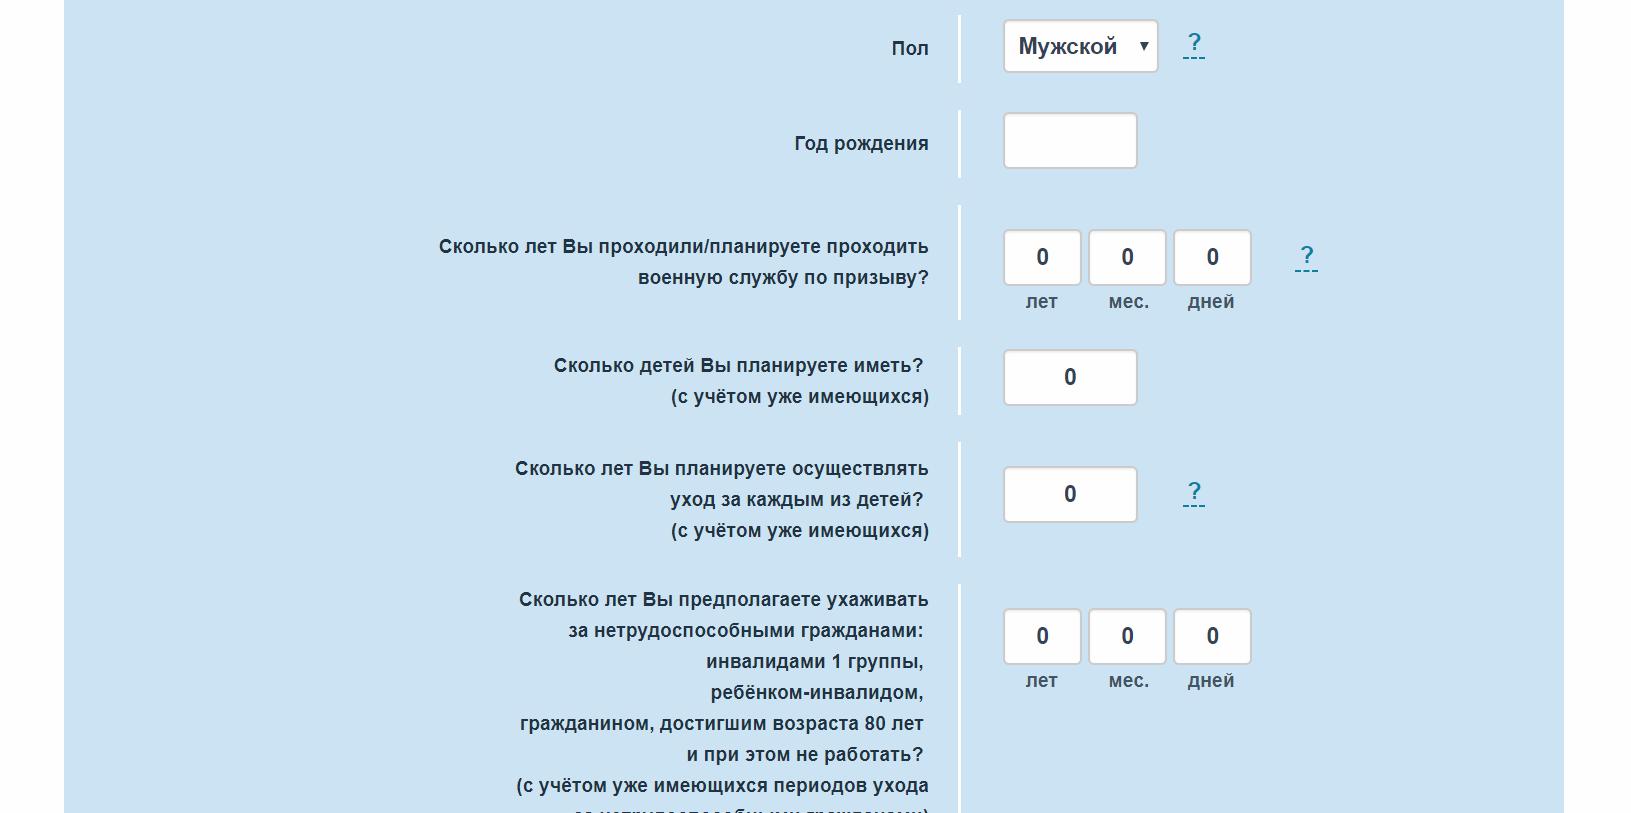 Пенсионный калькулятор